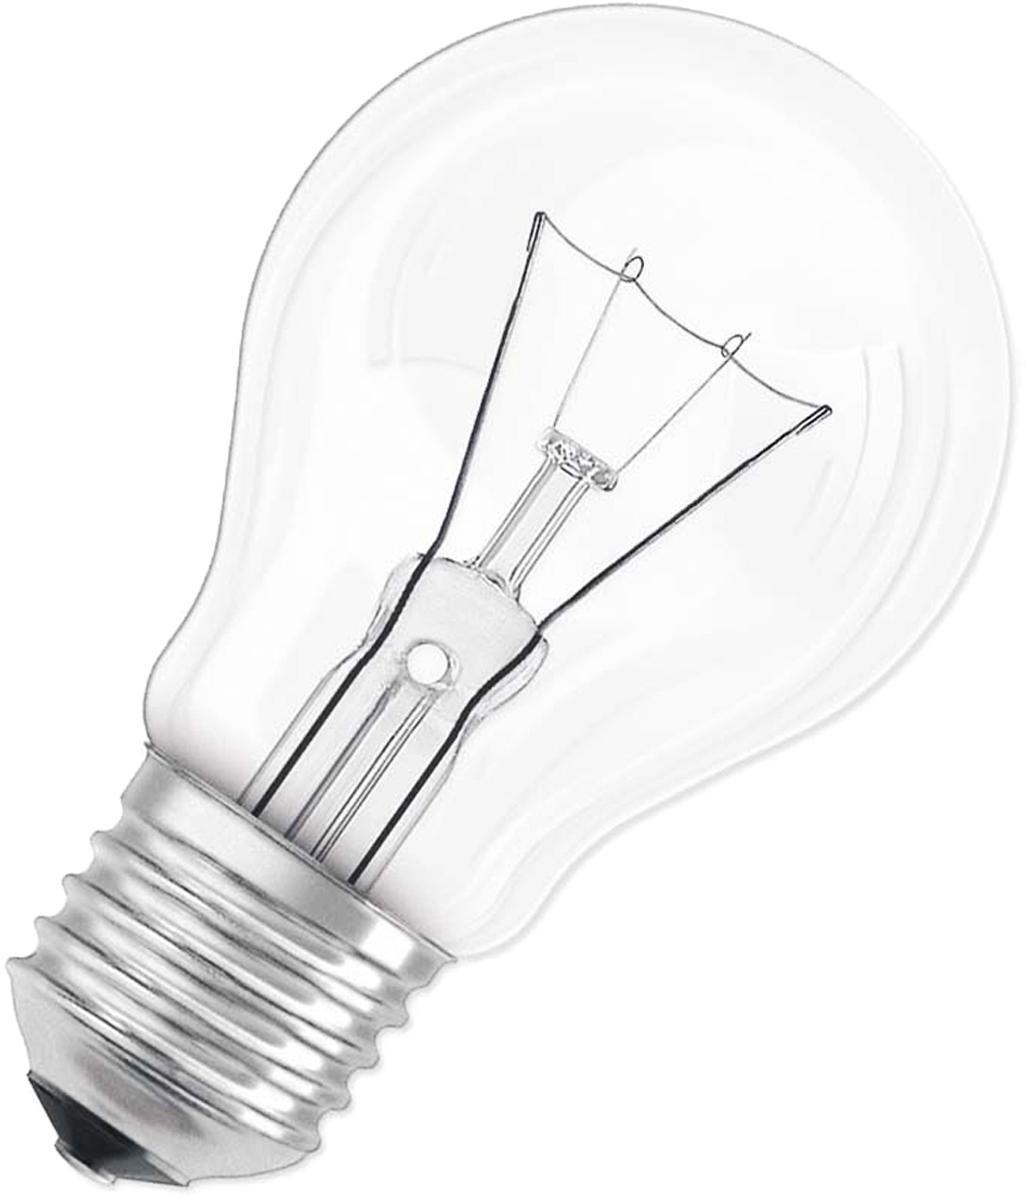 Лампа накаливания Osram Classic A CL 95W 230V E27 NCE 40580750278314058075027831Светодиодные энергосберегающие лампы потребляют на 70% меньше электроэнергии, что не только экономит деньги, но и снижает нагрузку на проводку. Свет, который излучают светодиодные светильники, не раздражает глаза и может быть разным по интенсивности и световой температуре. Они легко монтируются в стены и потолки, в том числе и в натяжные. Разнообразный дизайн позволяет подобрать светодиодные лампы для любого пространства.